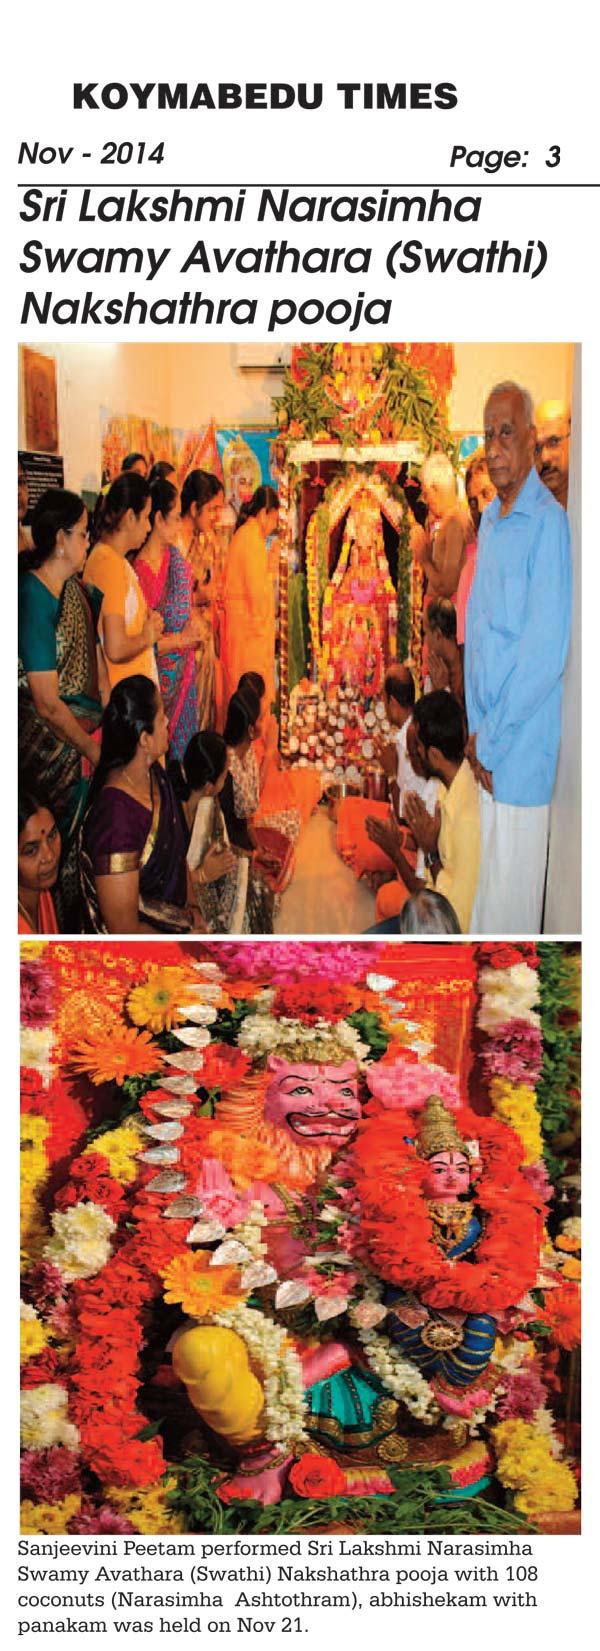 Koyambadu-times-nov-2014-1